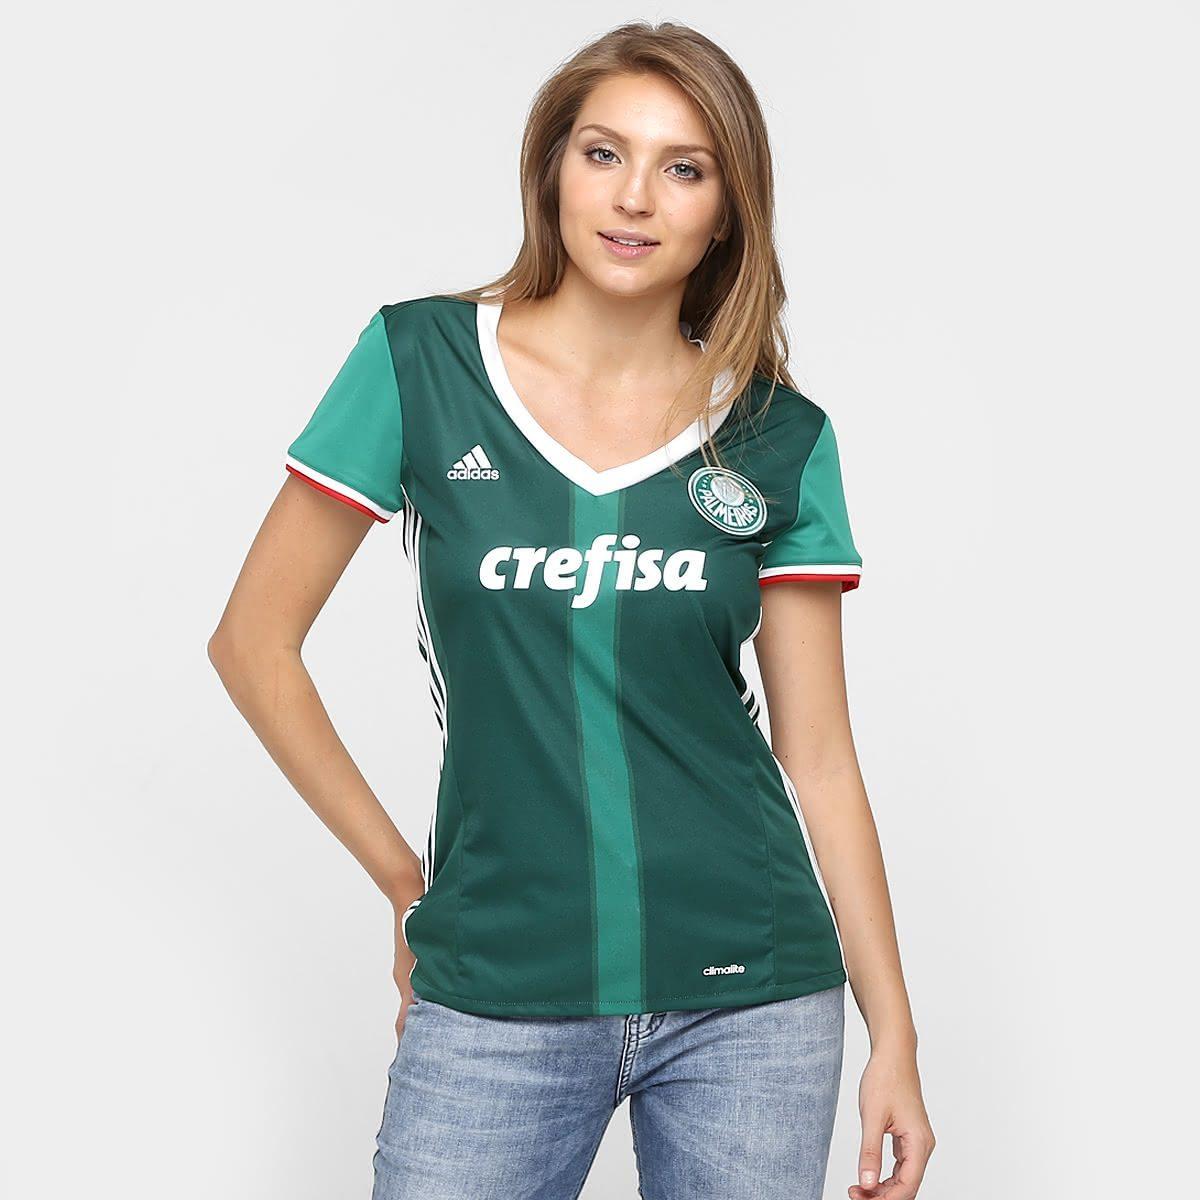 Camisa Feminina do Palmeiras be8526c9c63e0